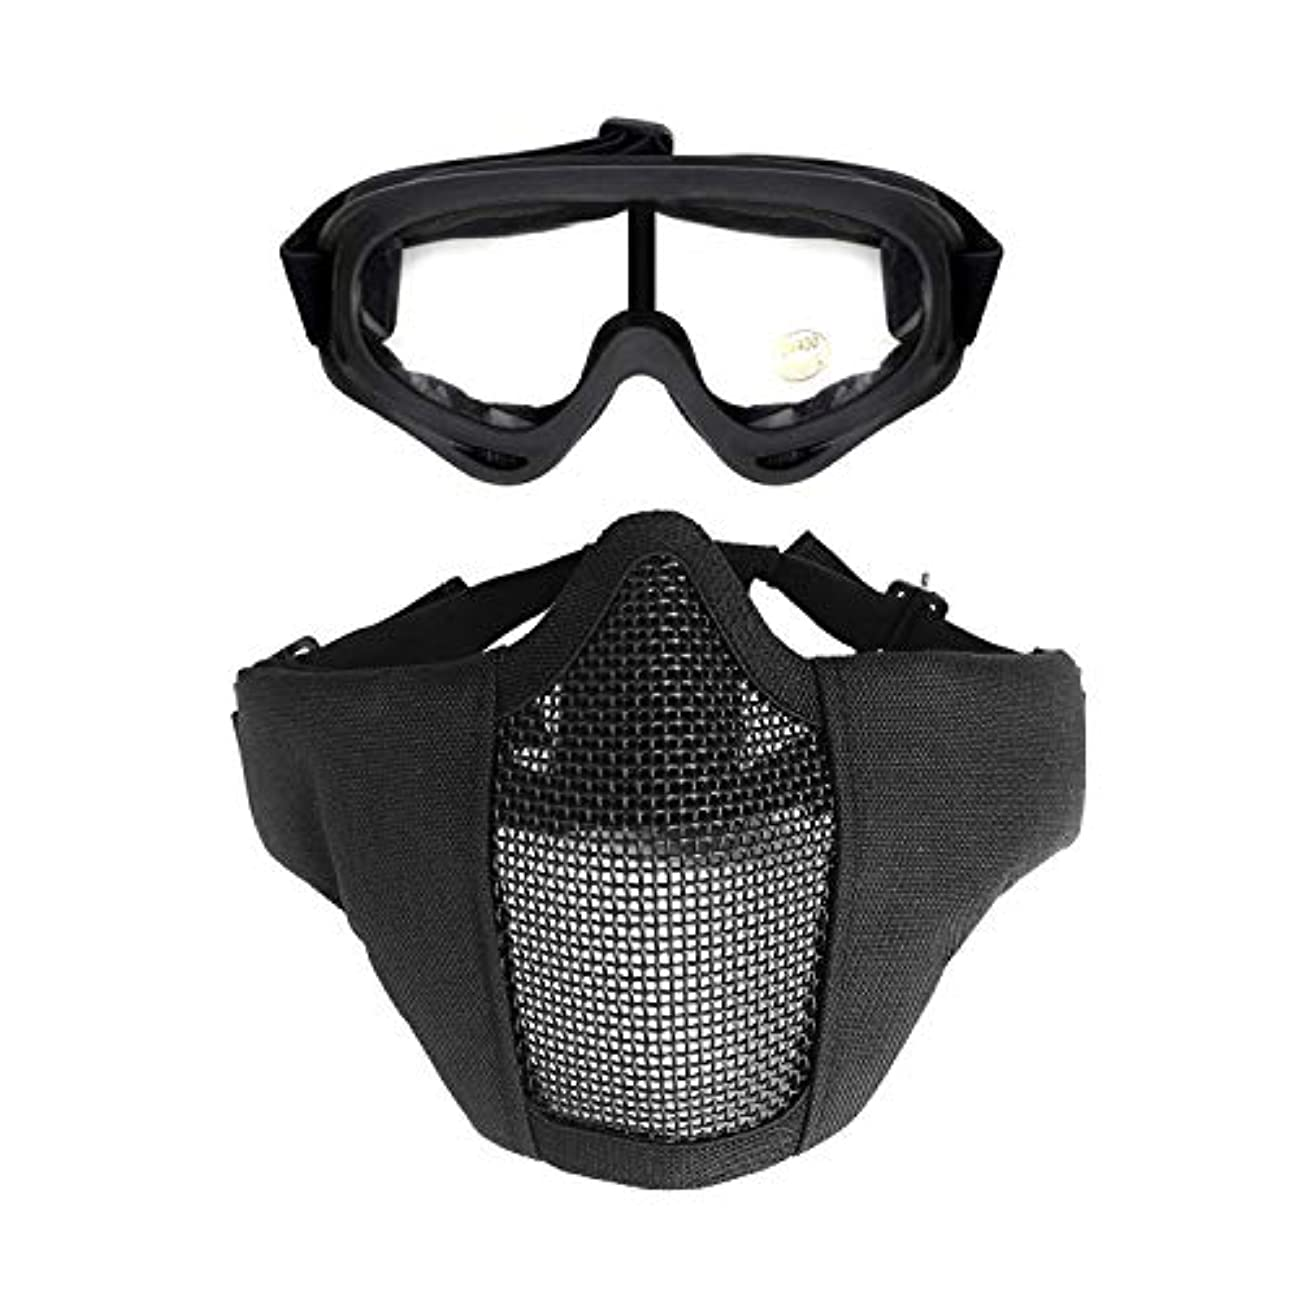 飽和する姪飛行場メッシュ マスク ゴーグル付き 通気性が良い フェイスマスク ゲーム ブラック 2個セット